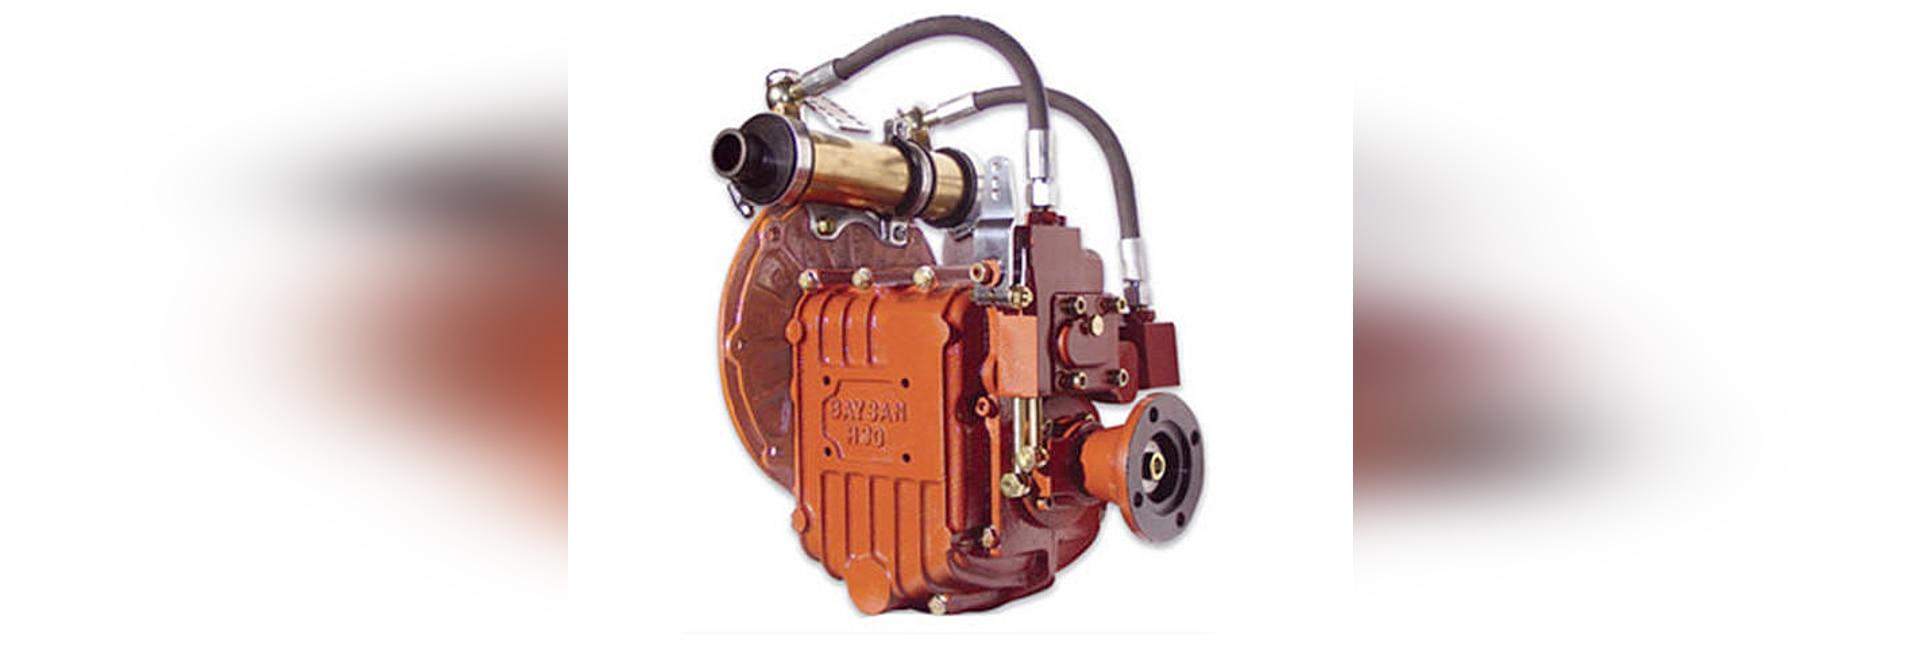 Nuova scatola ingranaggi idraulica dal fante di marina del Baysan